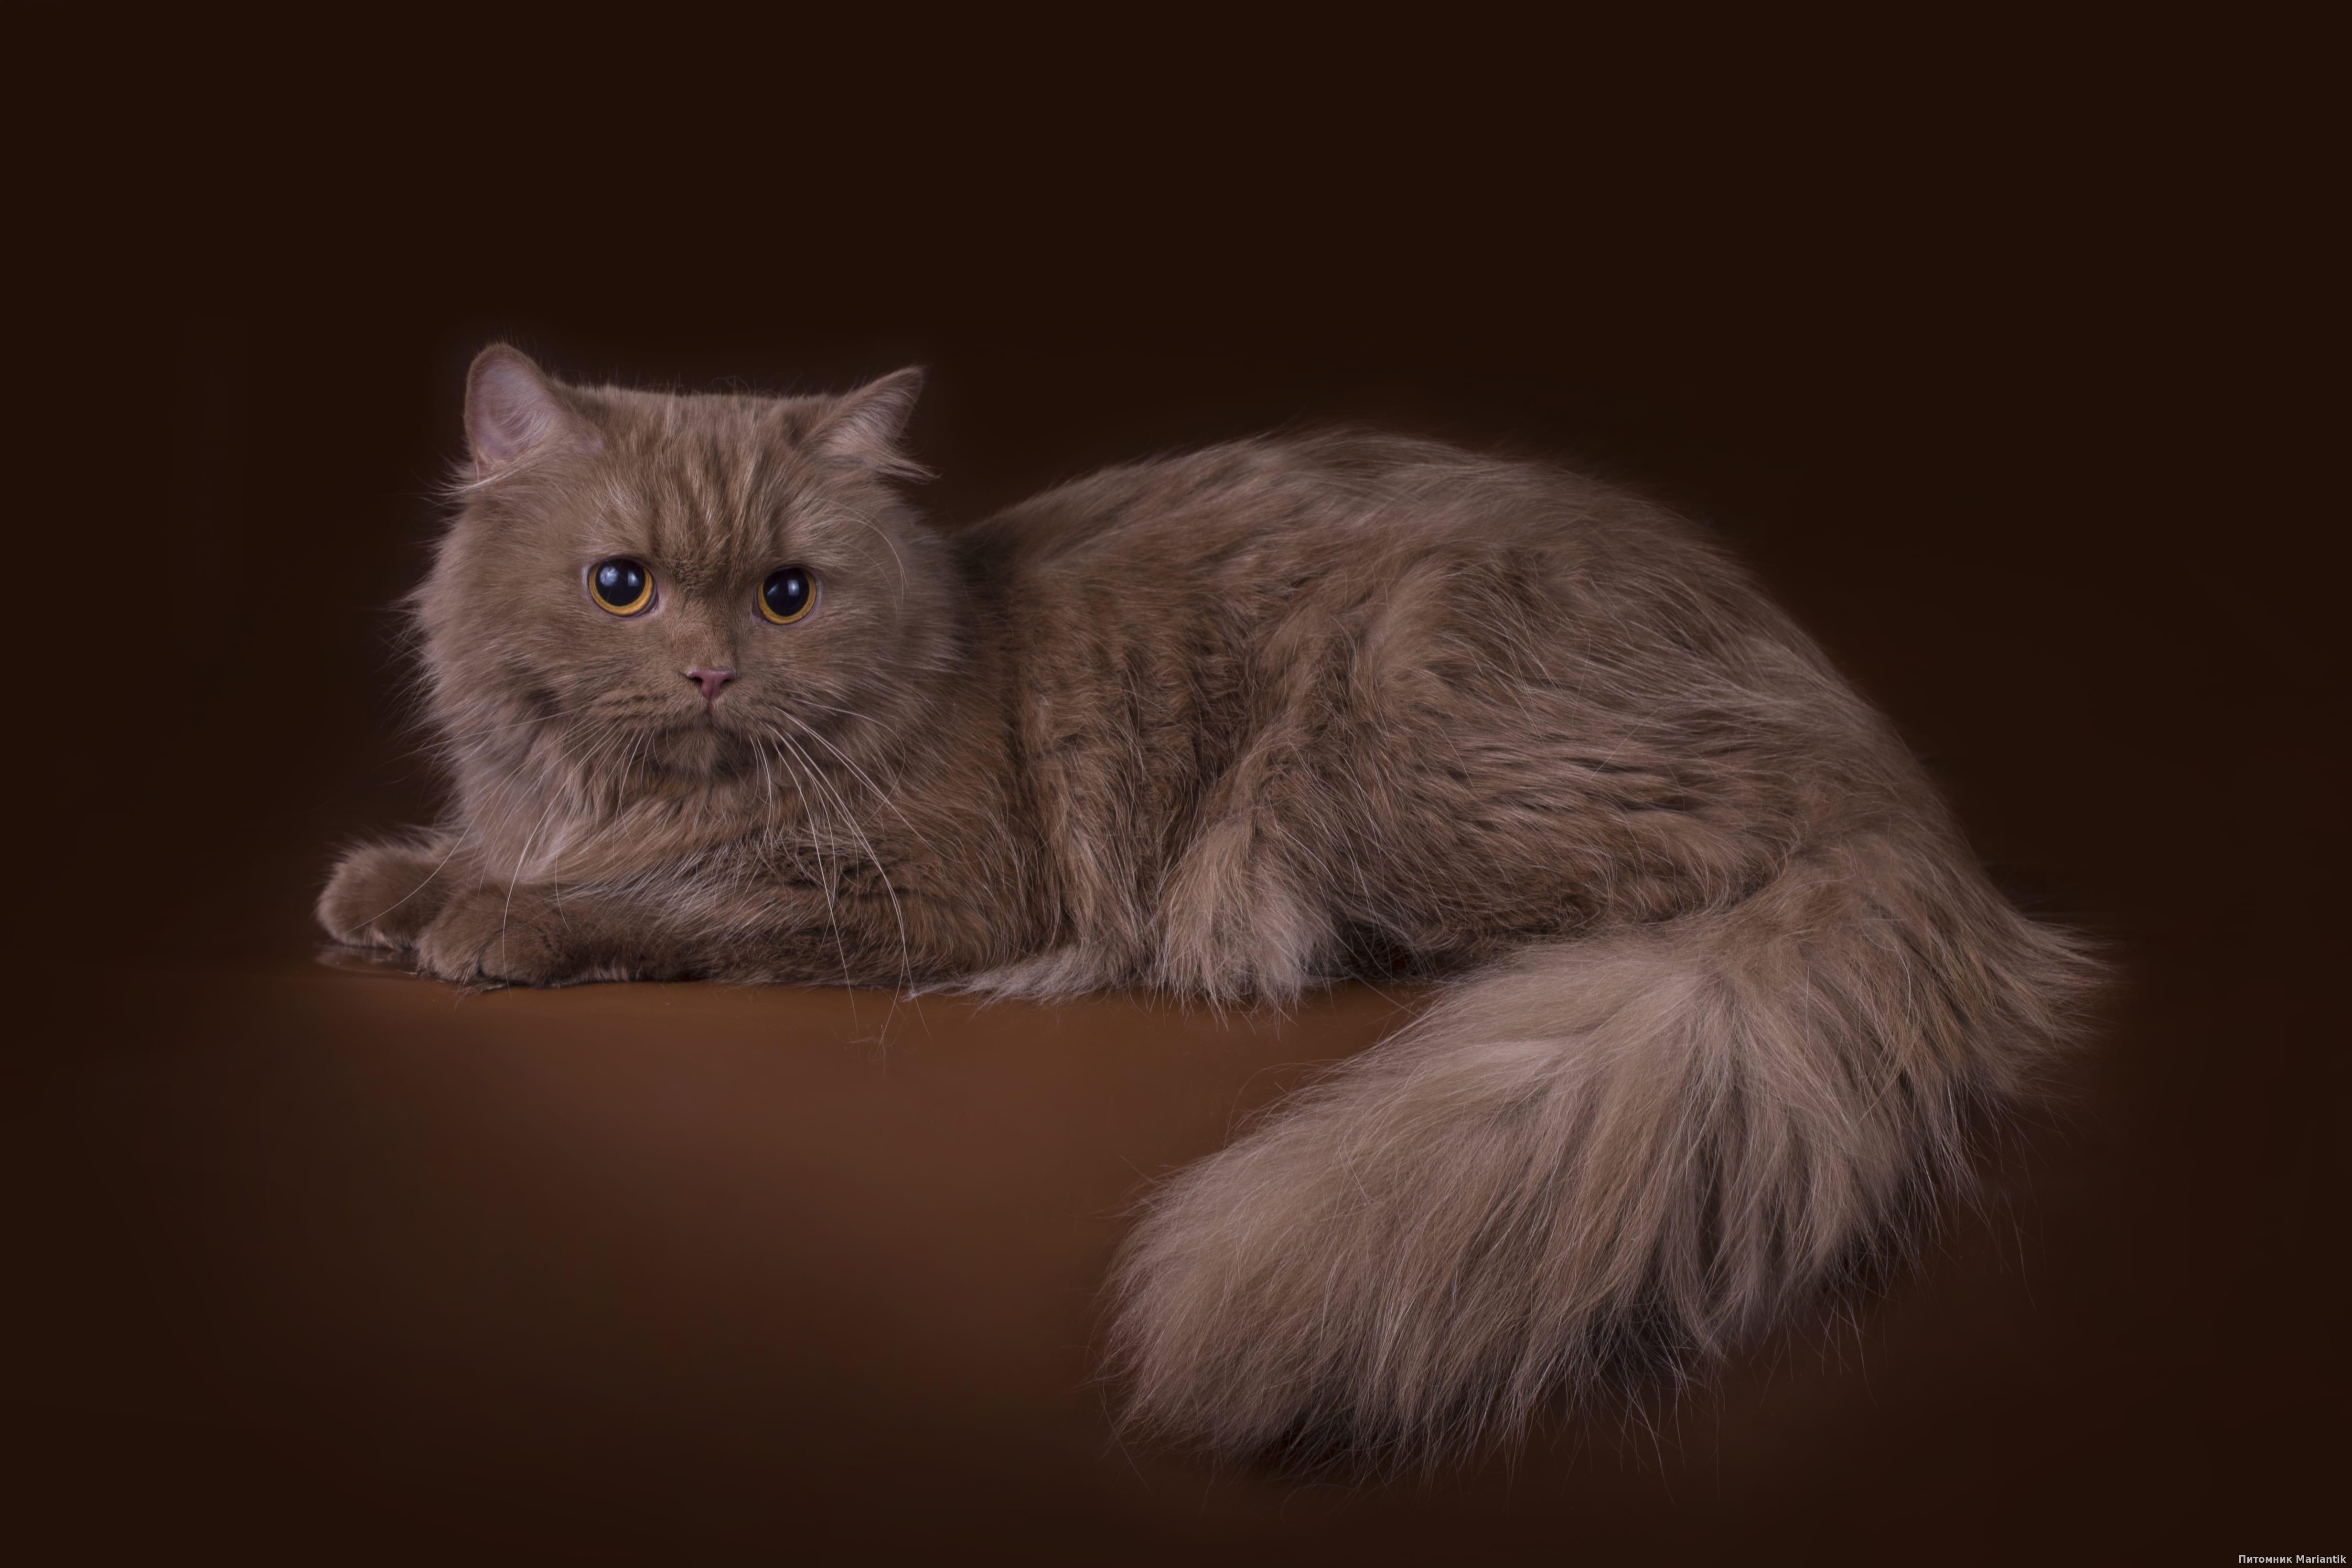 британская длинношерстная кошка окраса циннамон питомник Mariantik